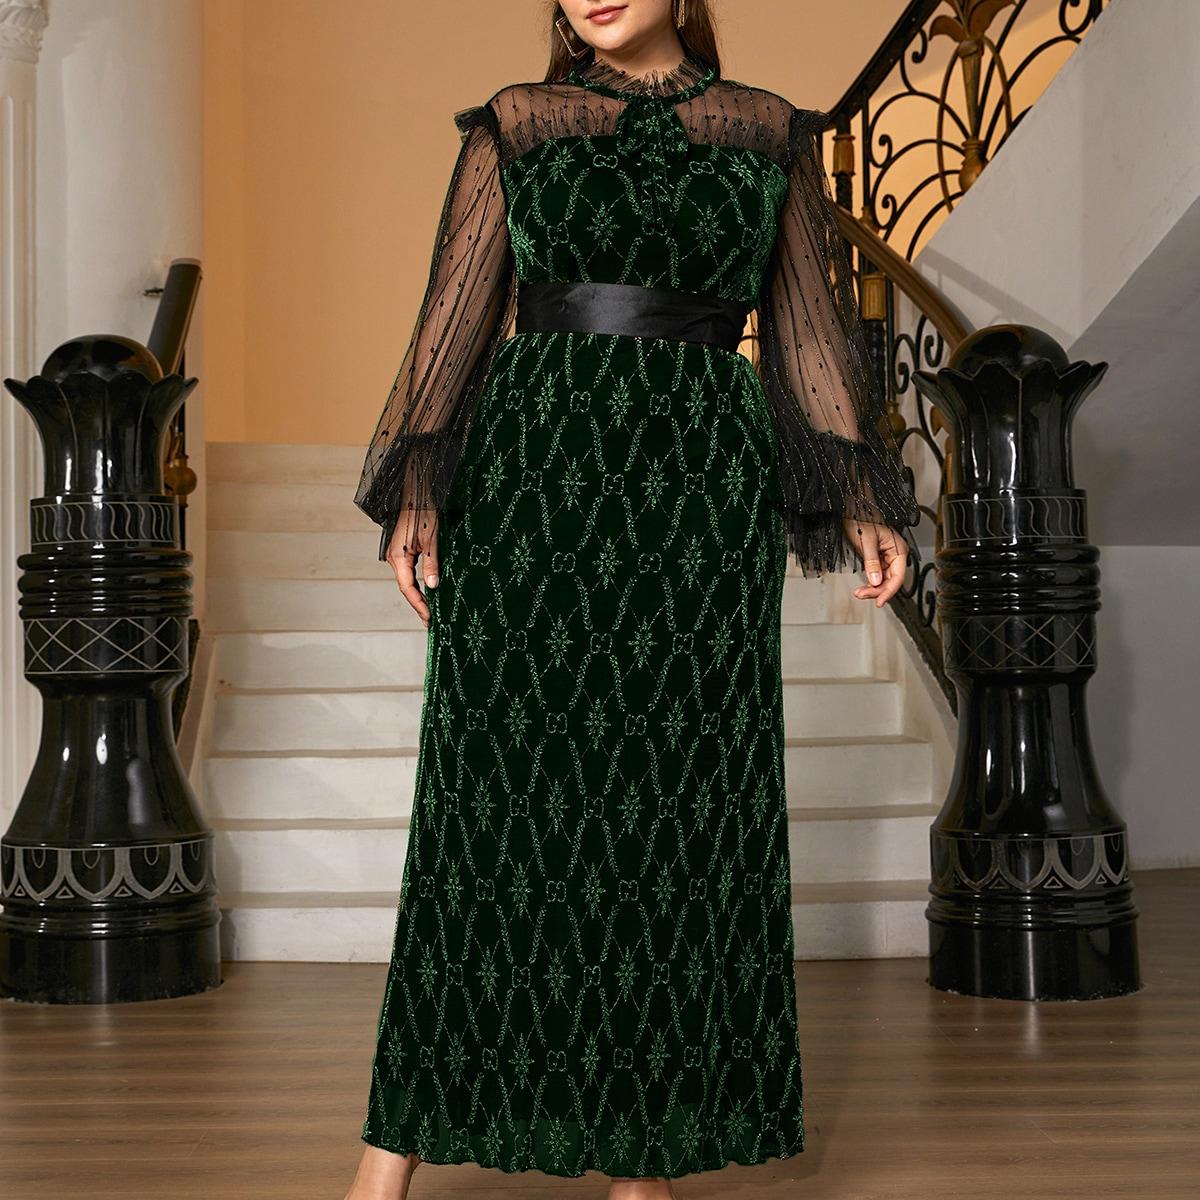 Платье для выпускного размера плюс от SHEIN